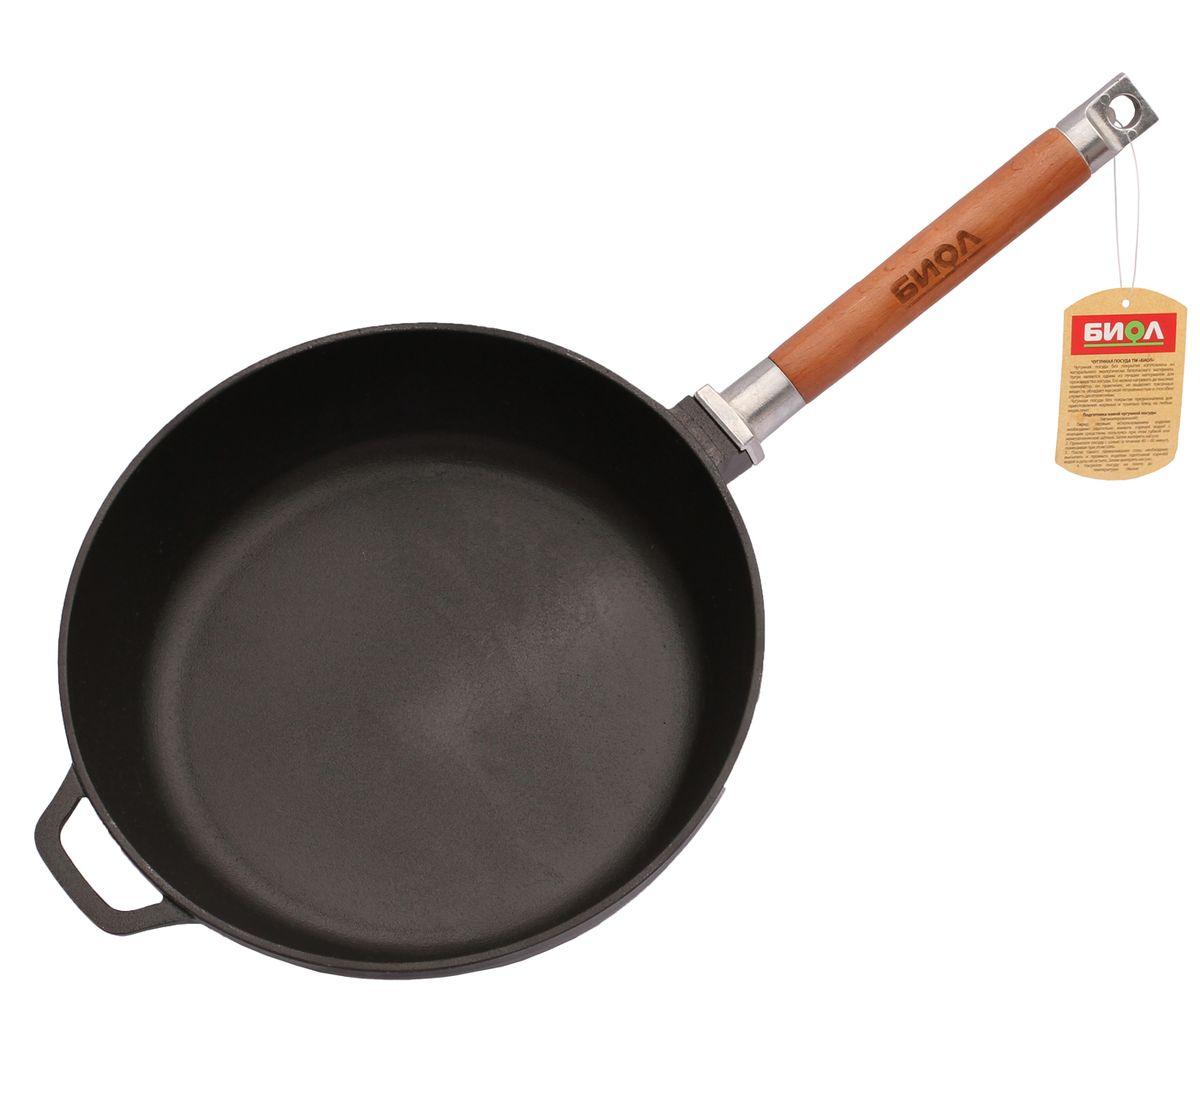 """Сковорода чугунная """"Биол"""", со съемной ручкой. Диаметр 26 см"""